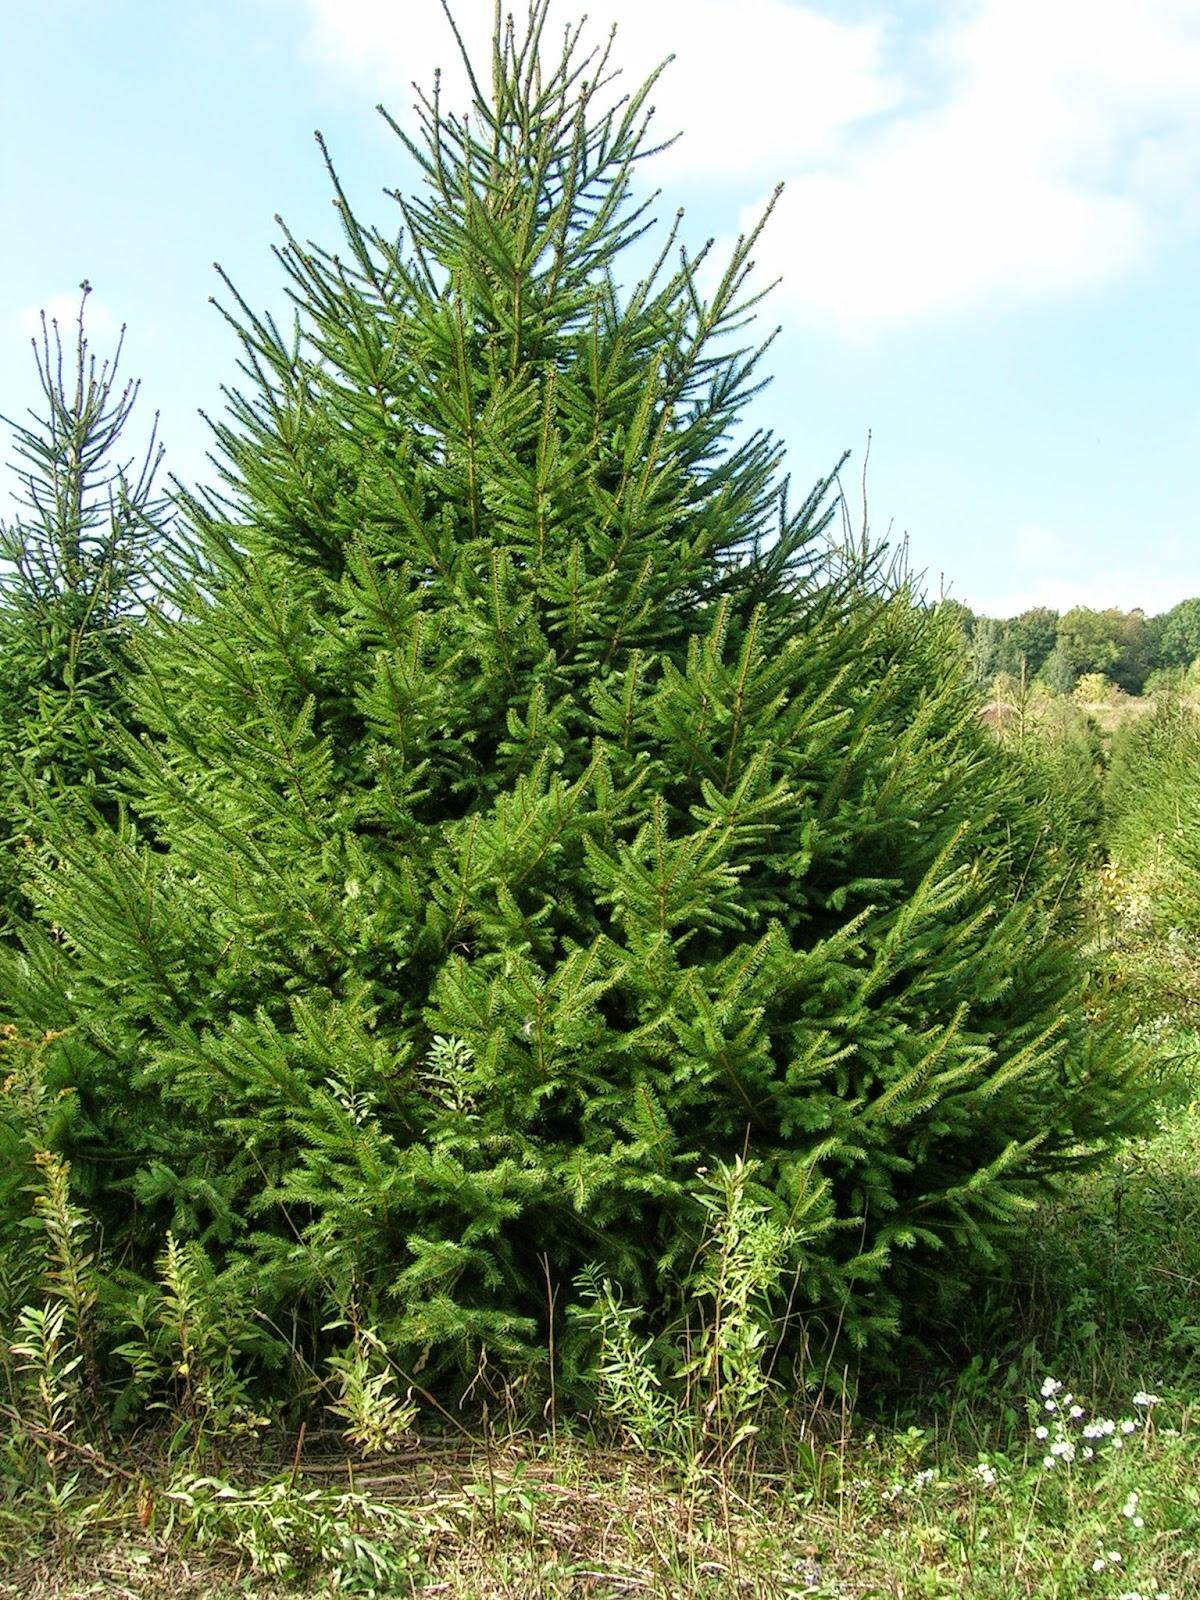 Mon arbre le de vivre le douaire tout savoir sur l 39 picea commun picea abies le sapin de - Sapin de noel nordmann ...